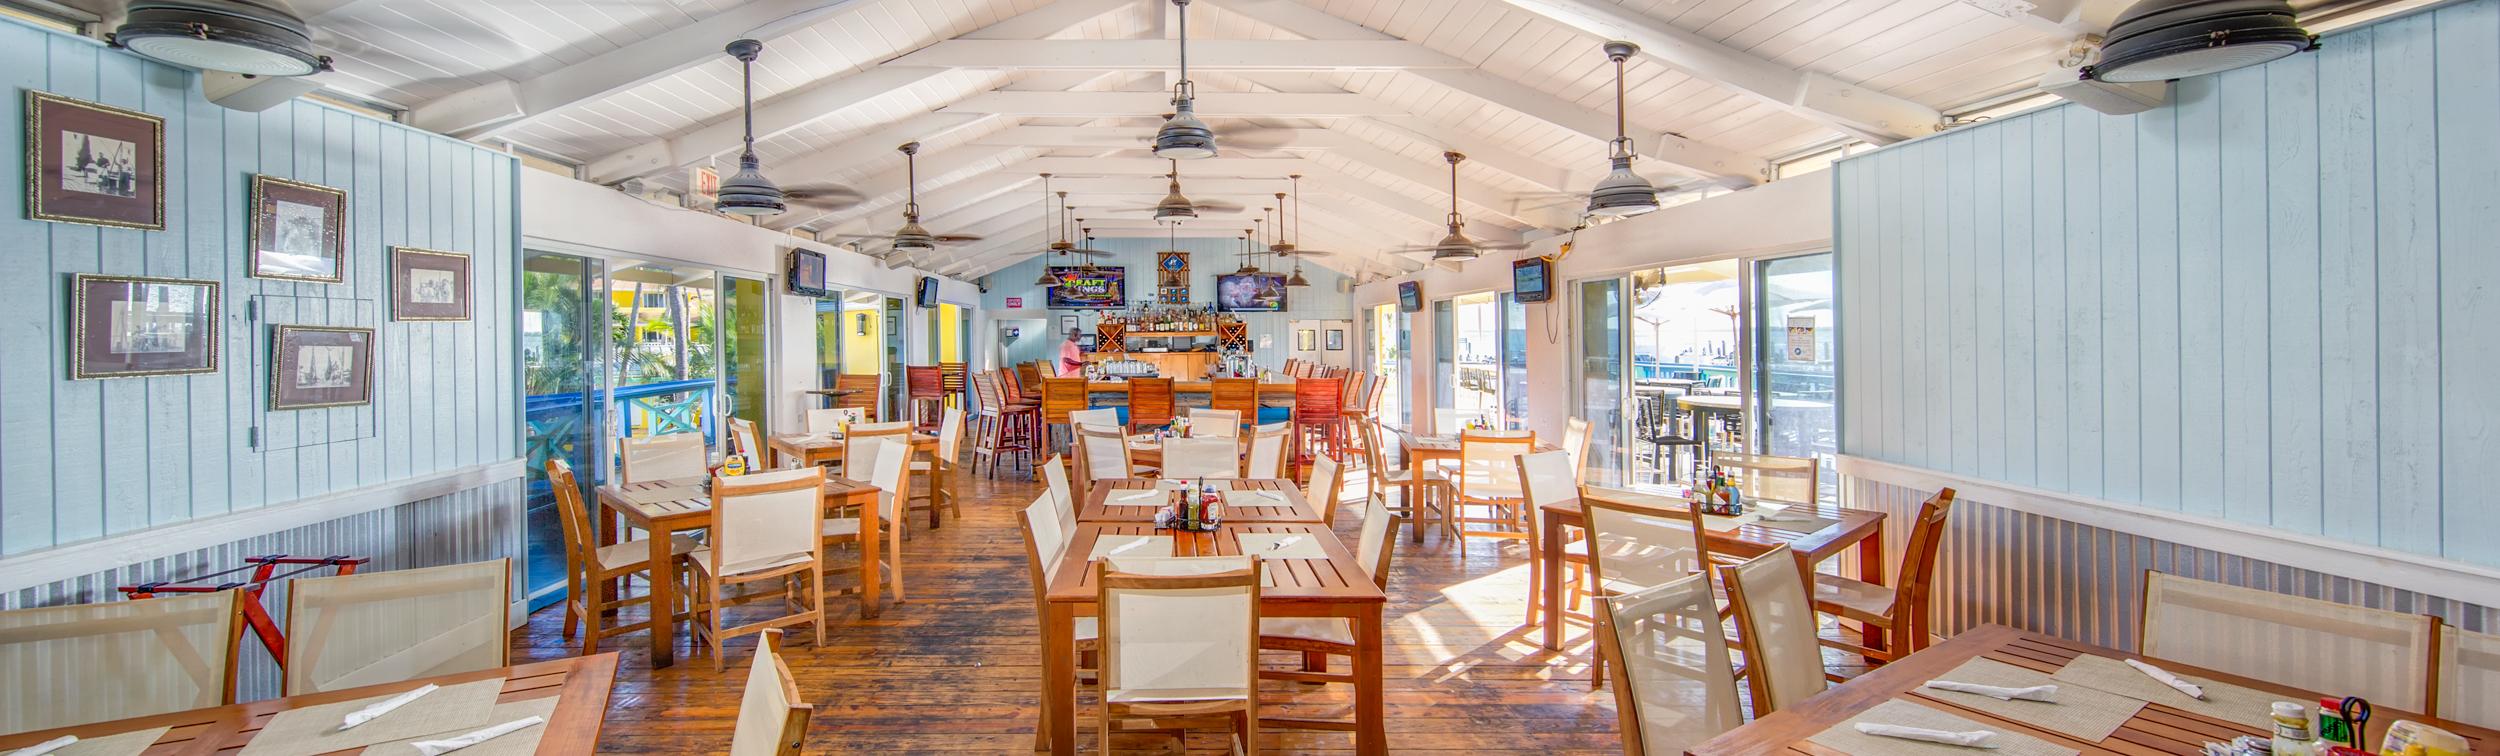 BBG Restaurant 1